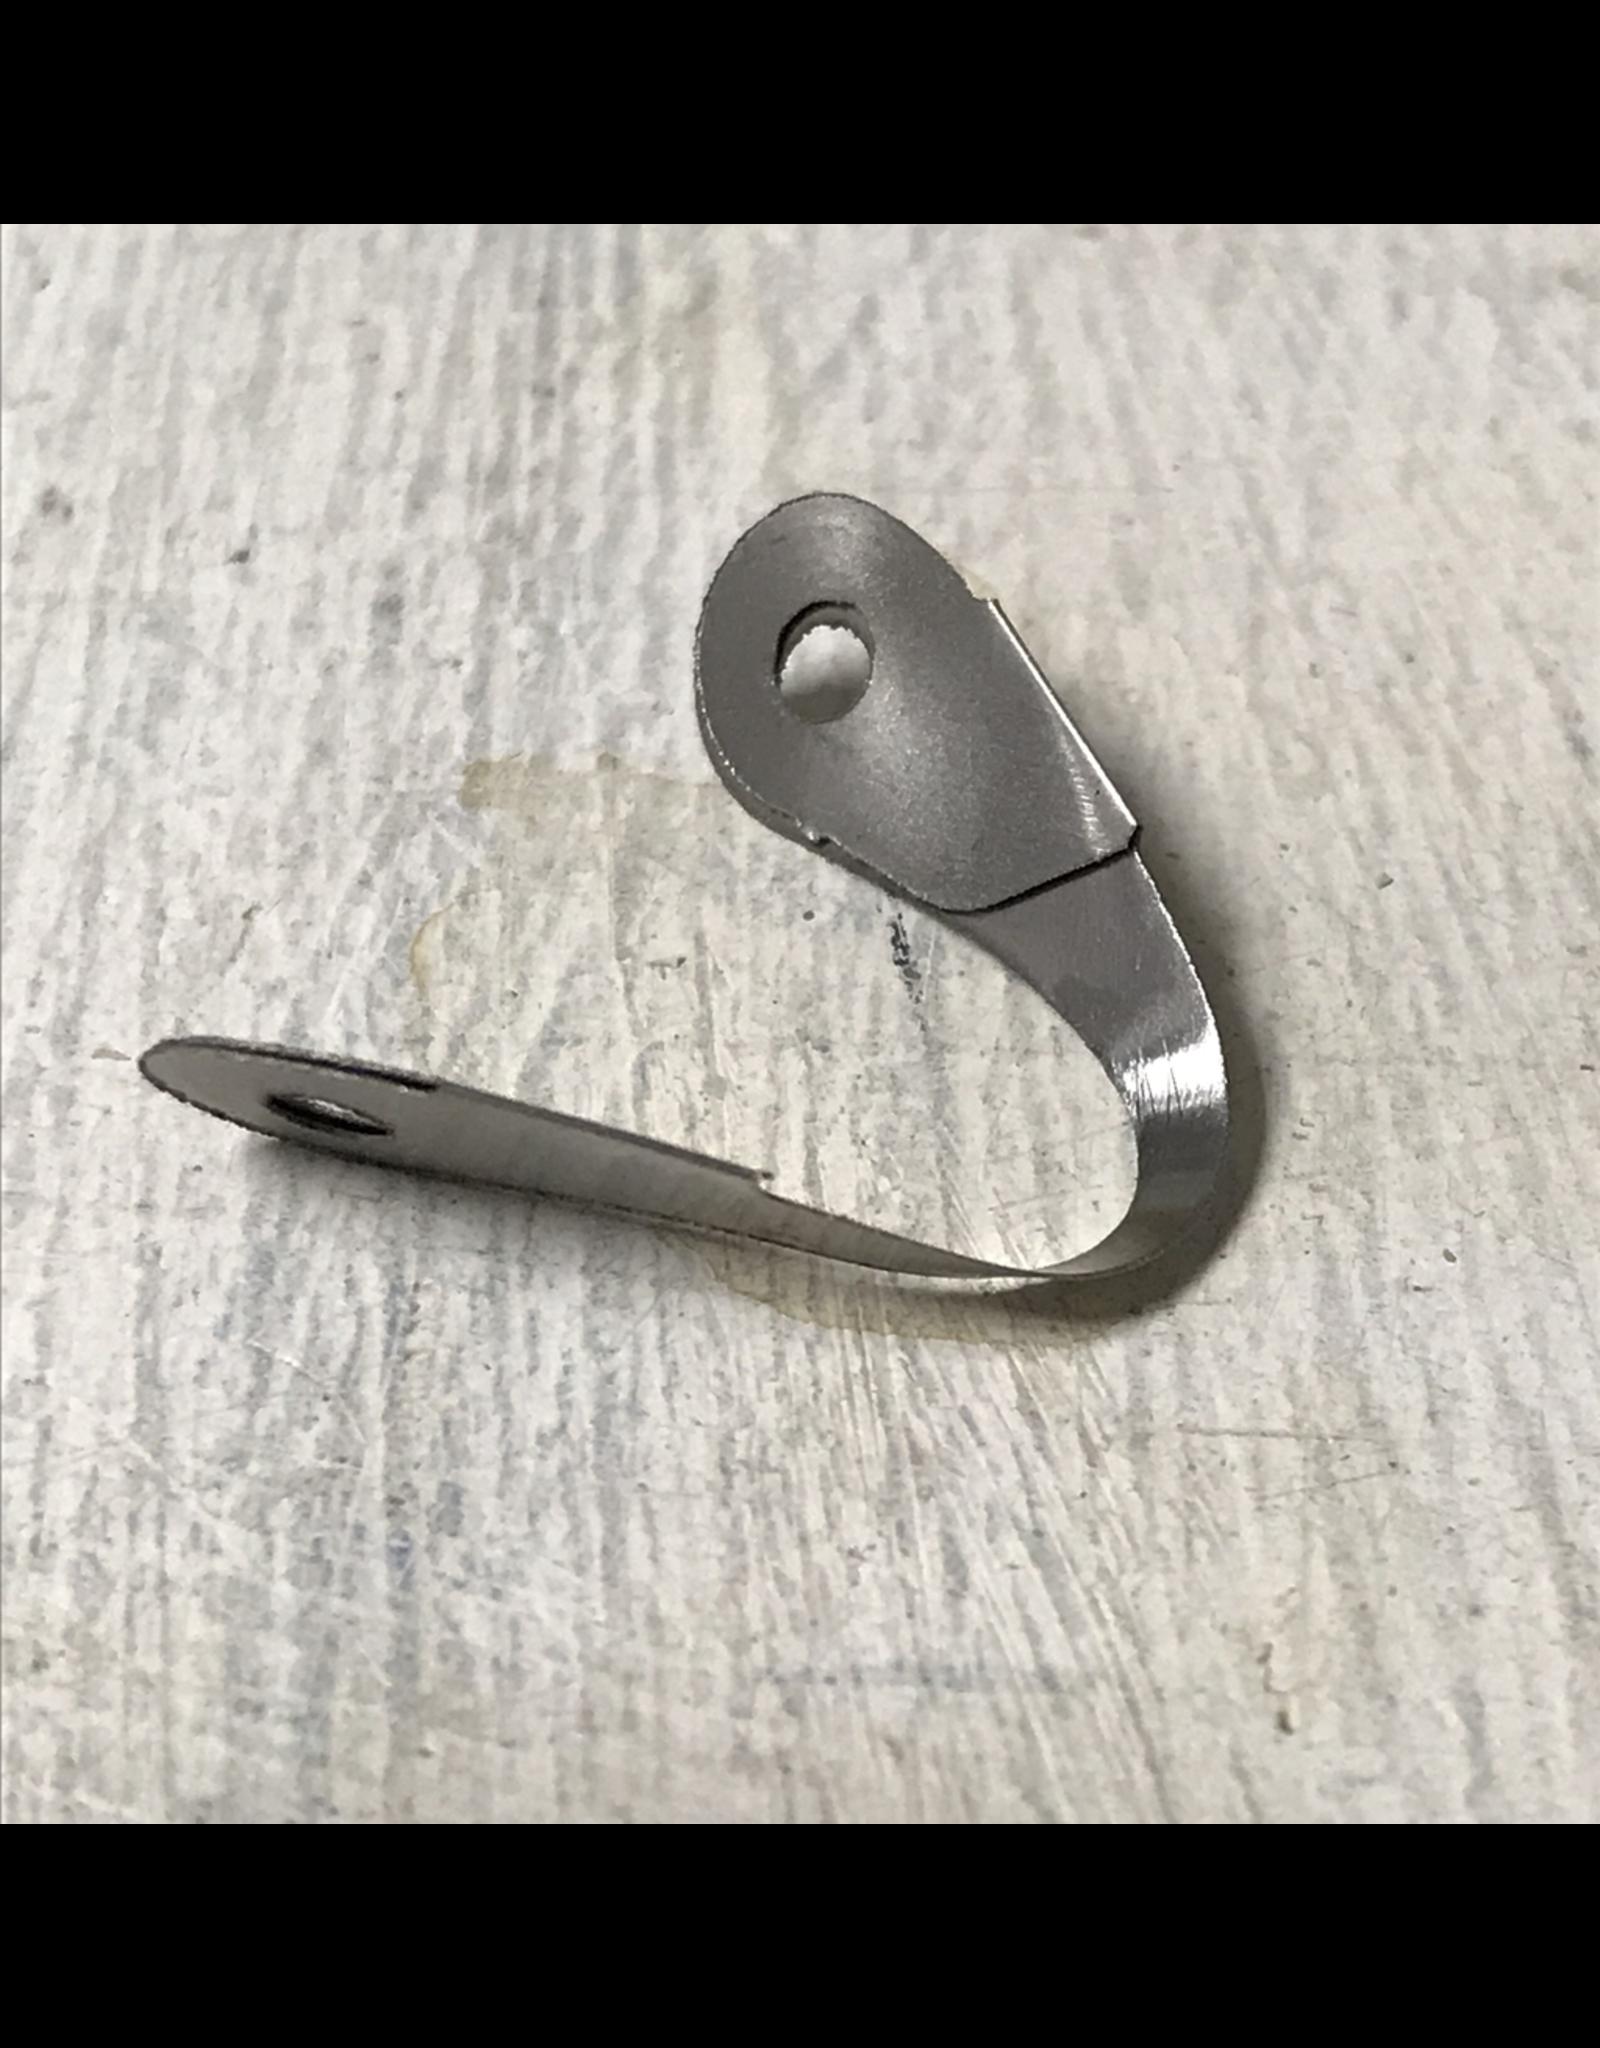 Diamondcore Tools Curved U-Tip (P2) Spare blade